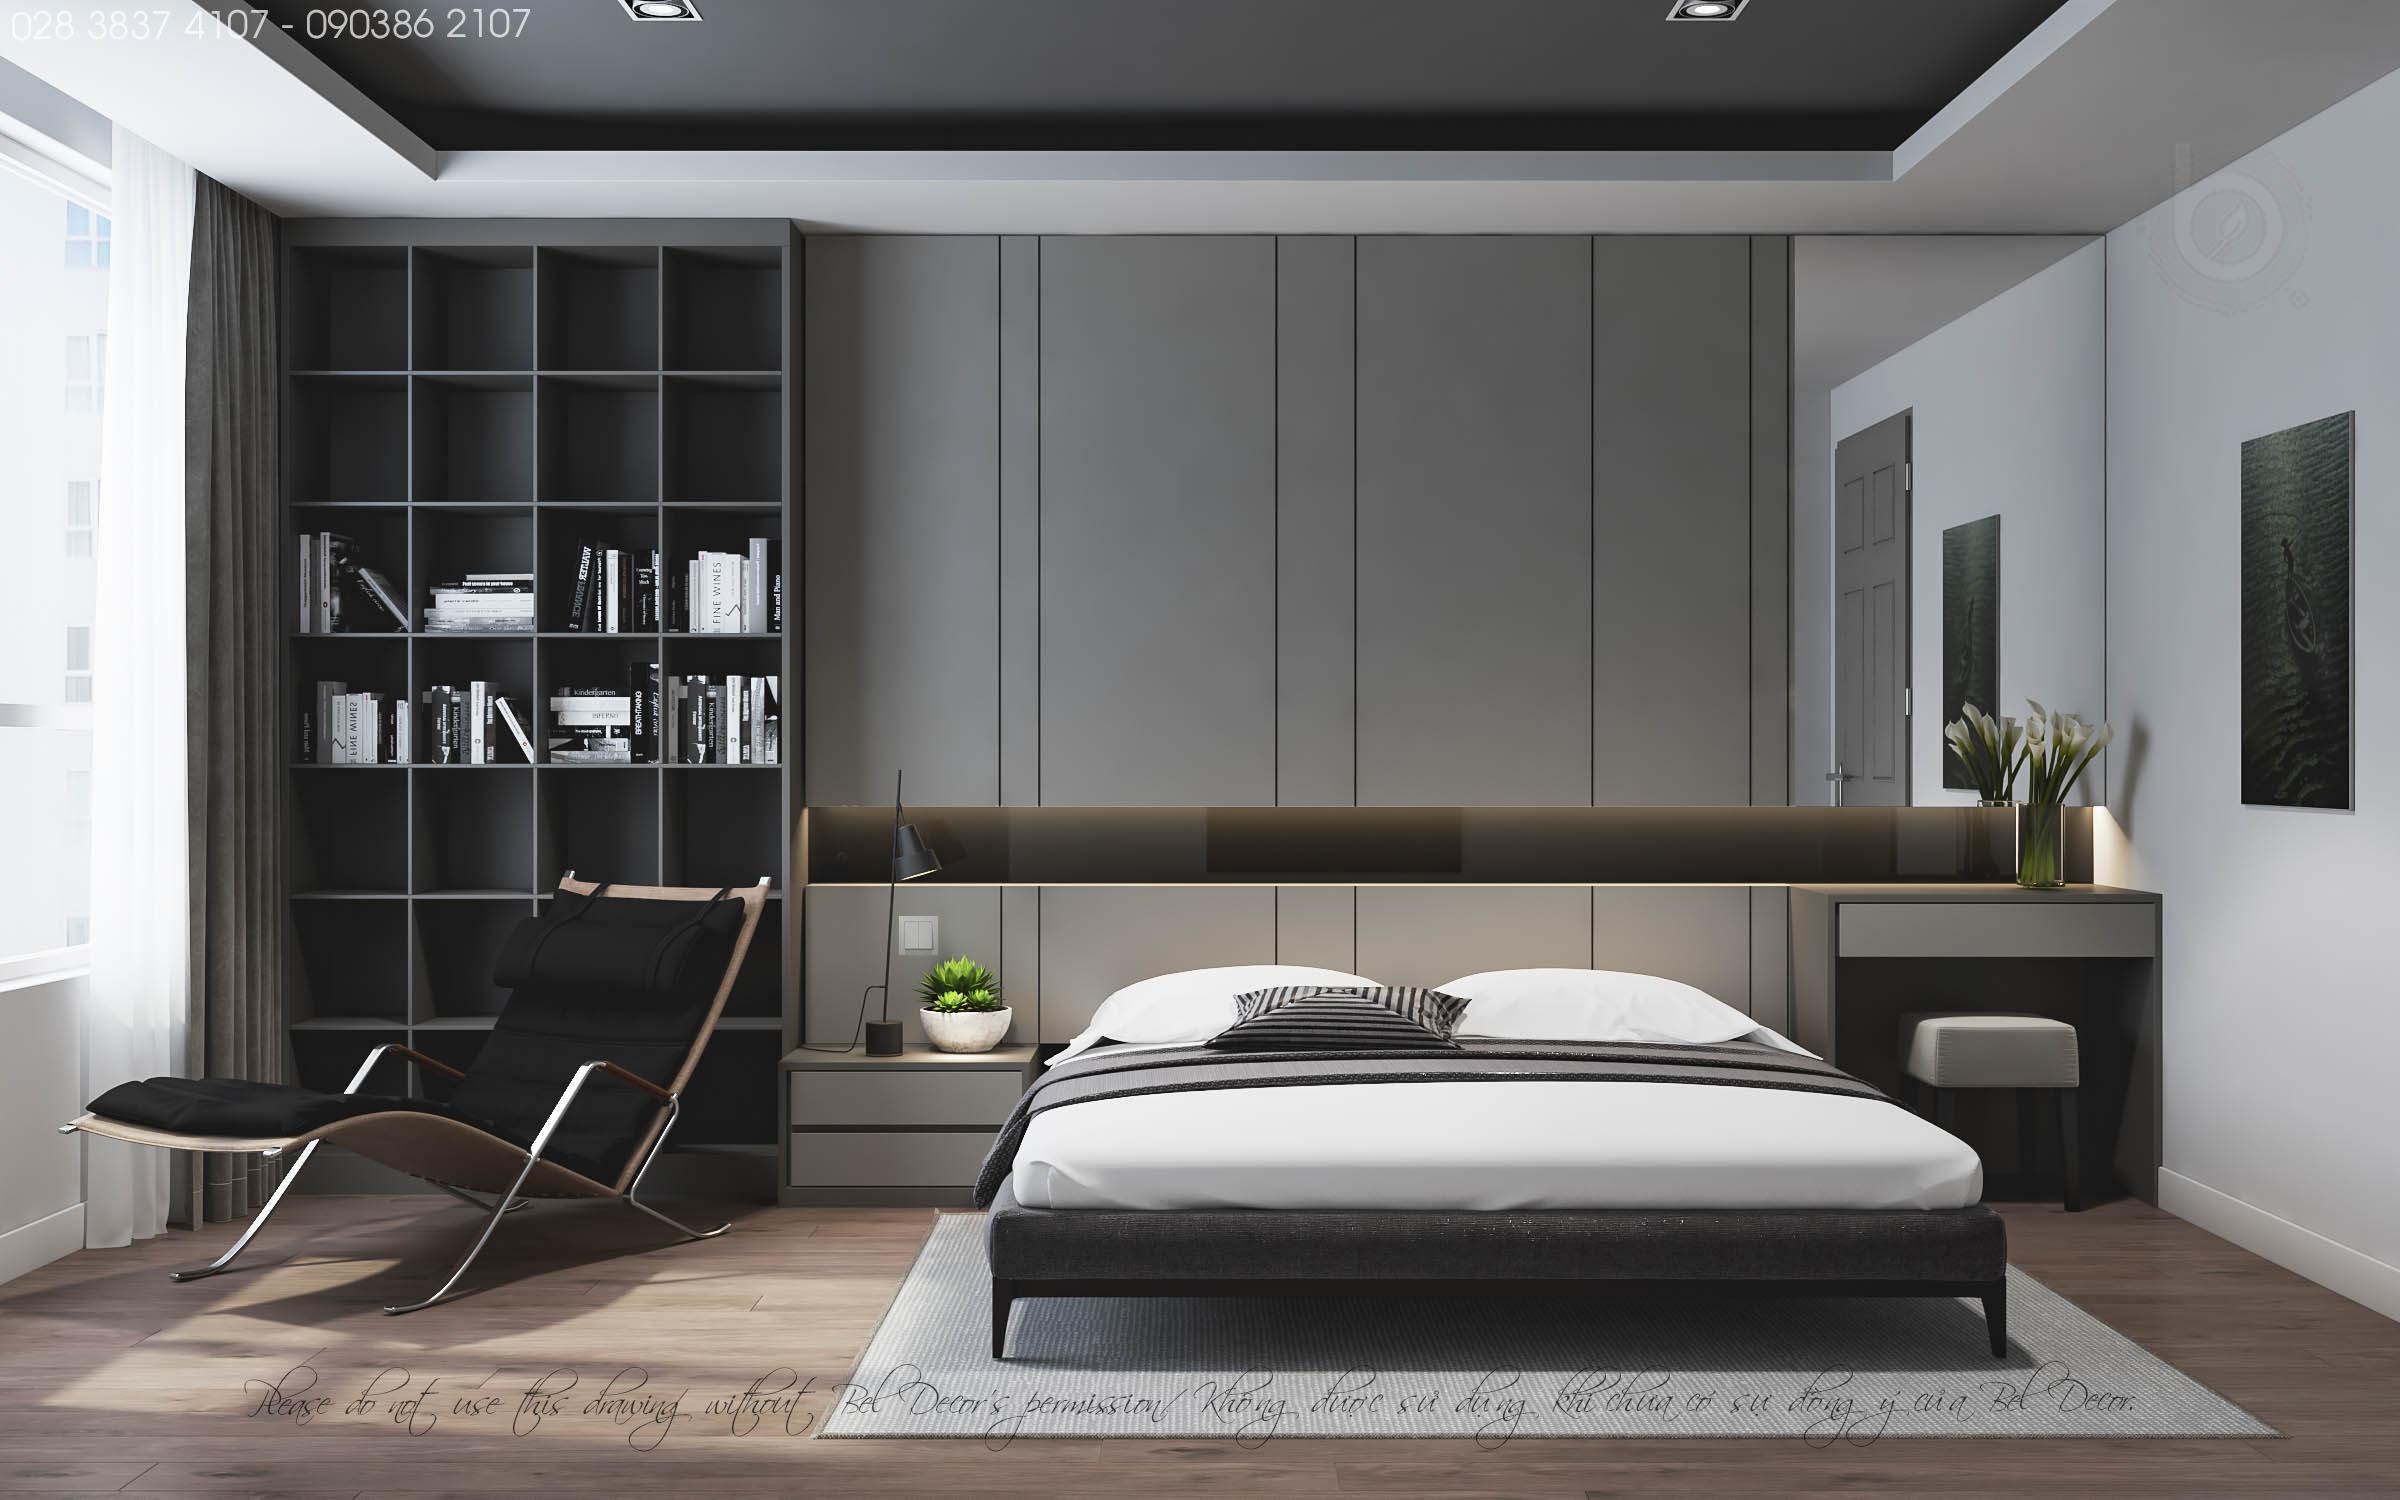 thiết kế nội thất chung cư tại Hồ Chí Minh THIẾT KẾ NỘI THẤT CĂN HỘ (HO1902) 2 1560306006